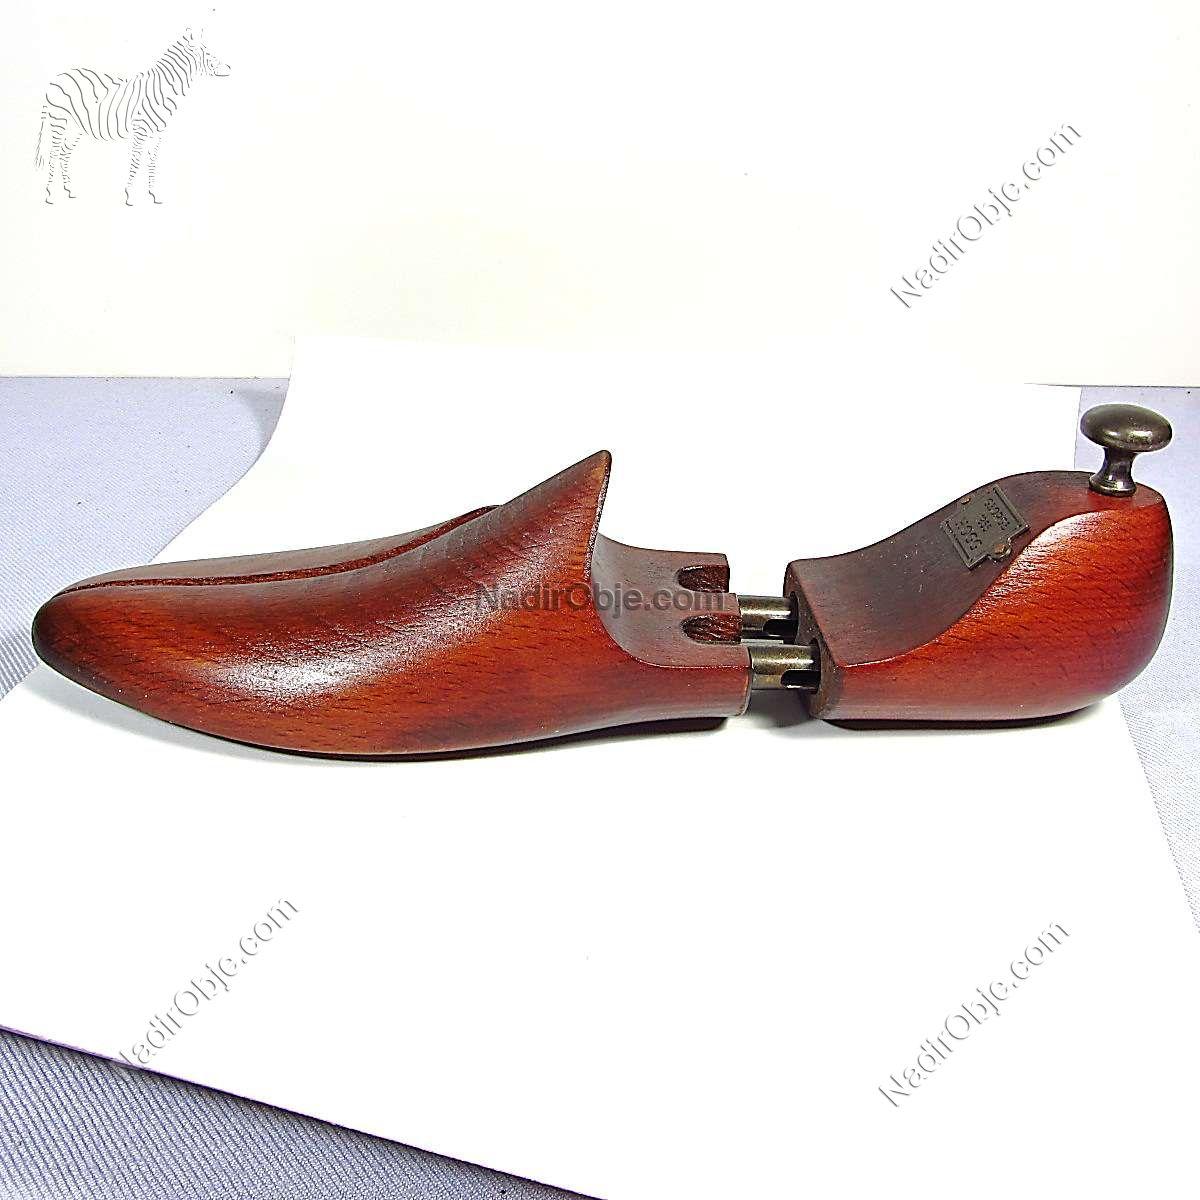 Dekor Ayakkabı Kalıbı Ahşap Objeler Ahşap